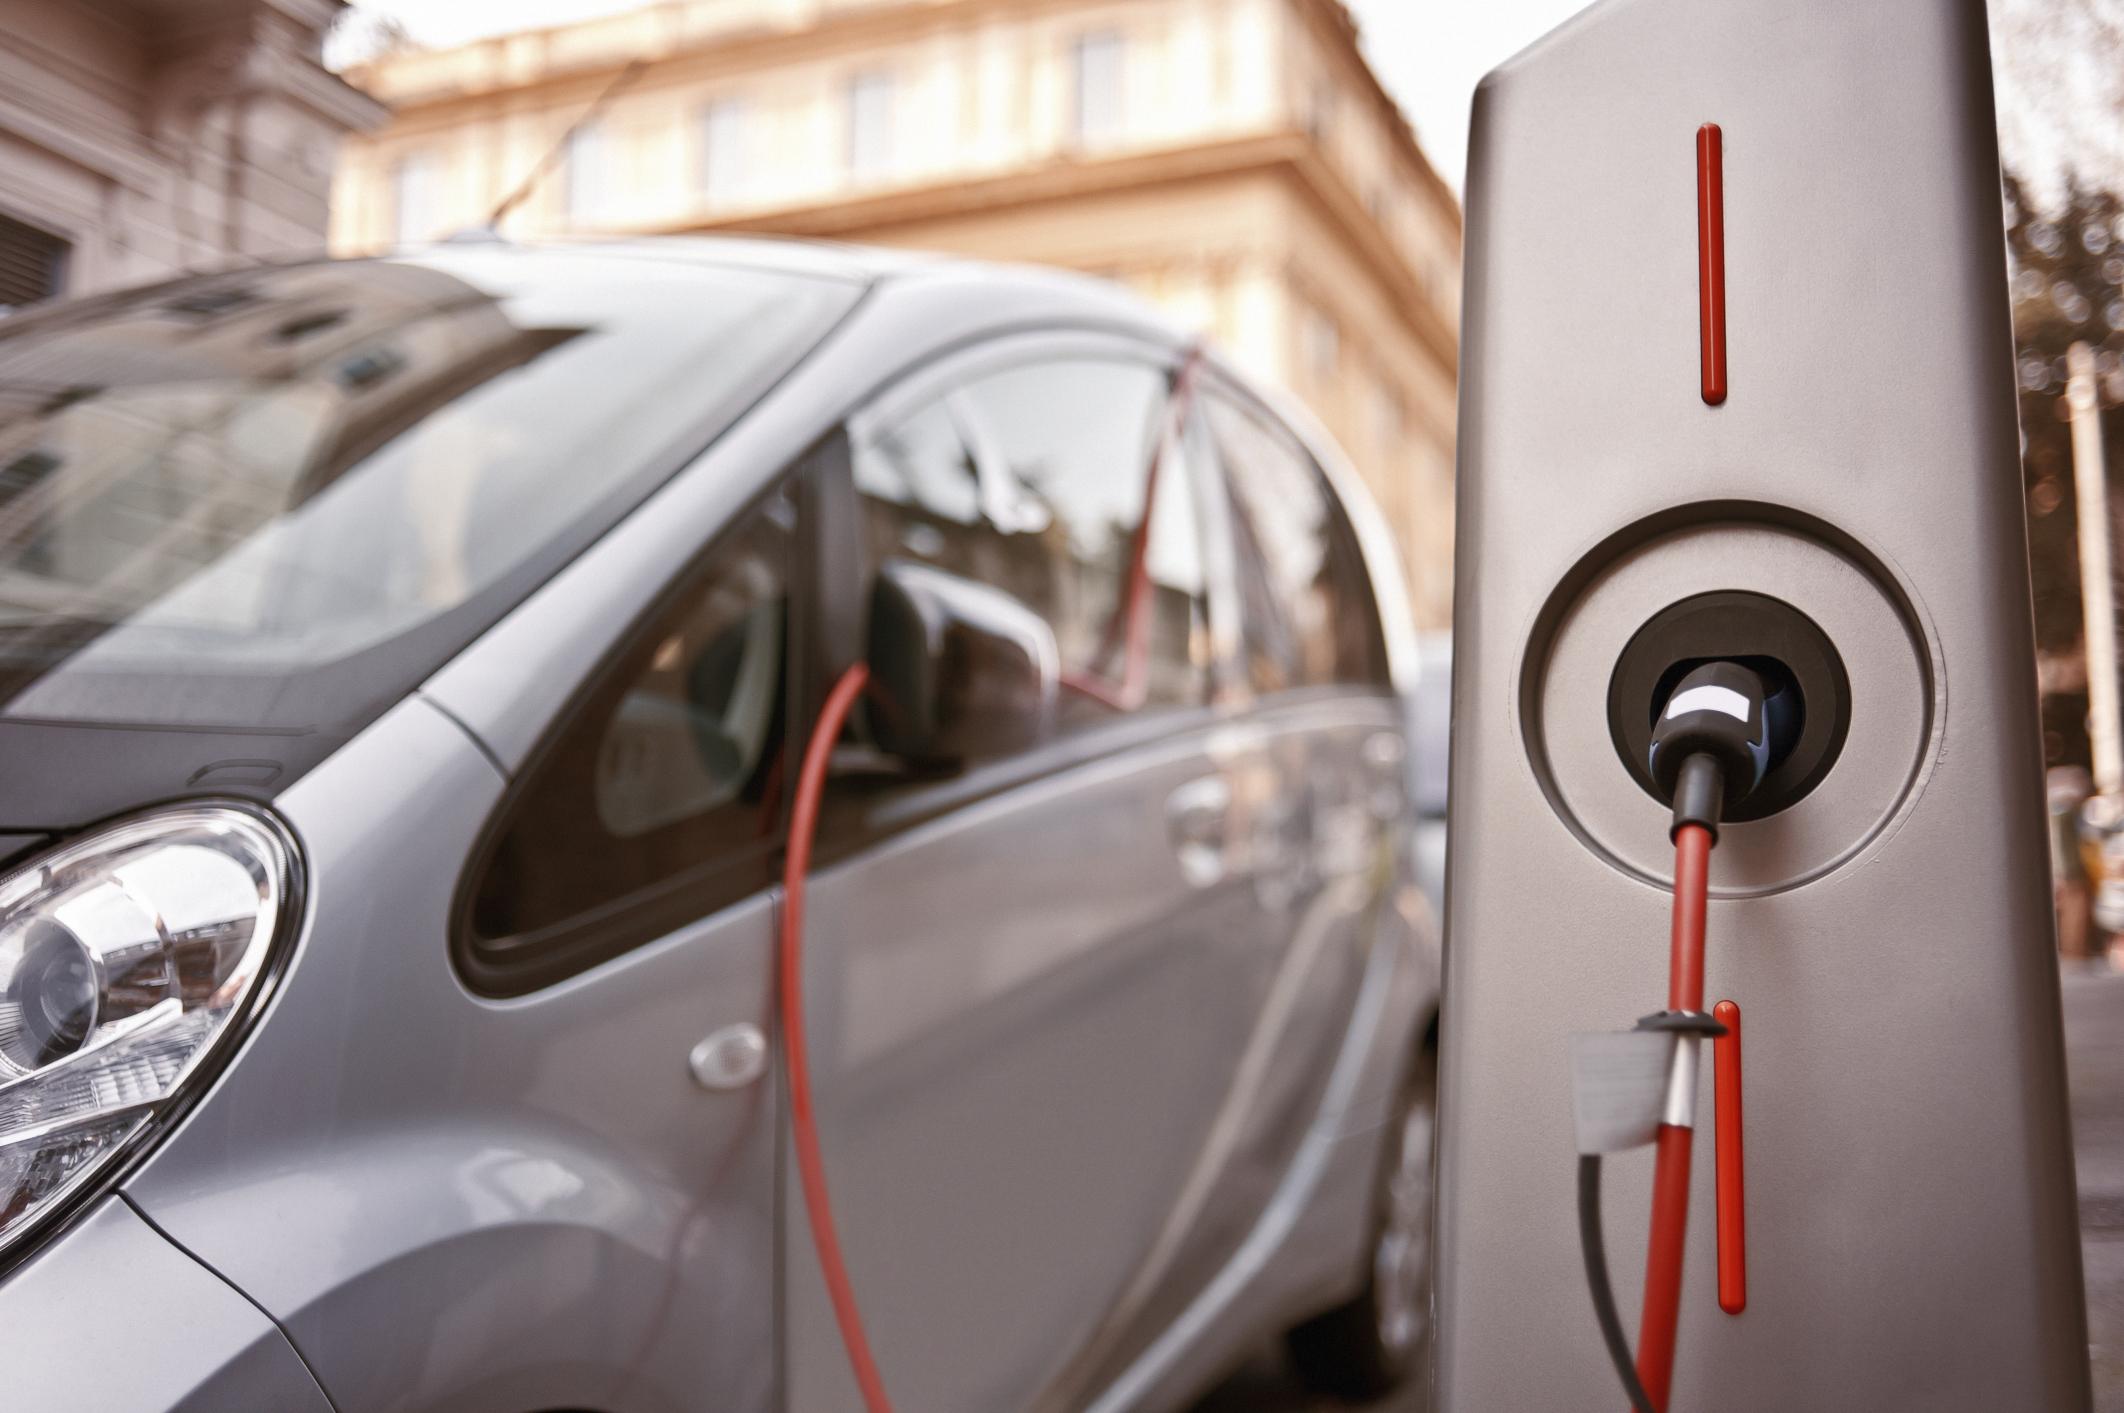 Presto ad Augusta una stazione per ricaricare le auto elettriche